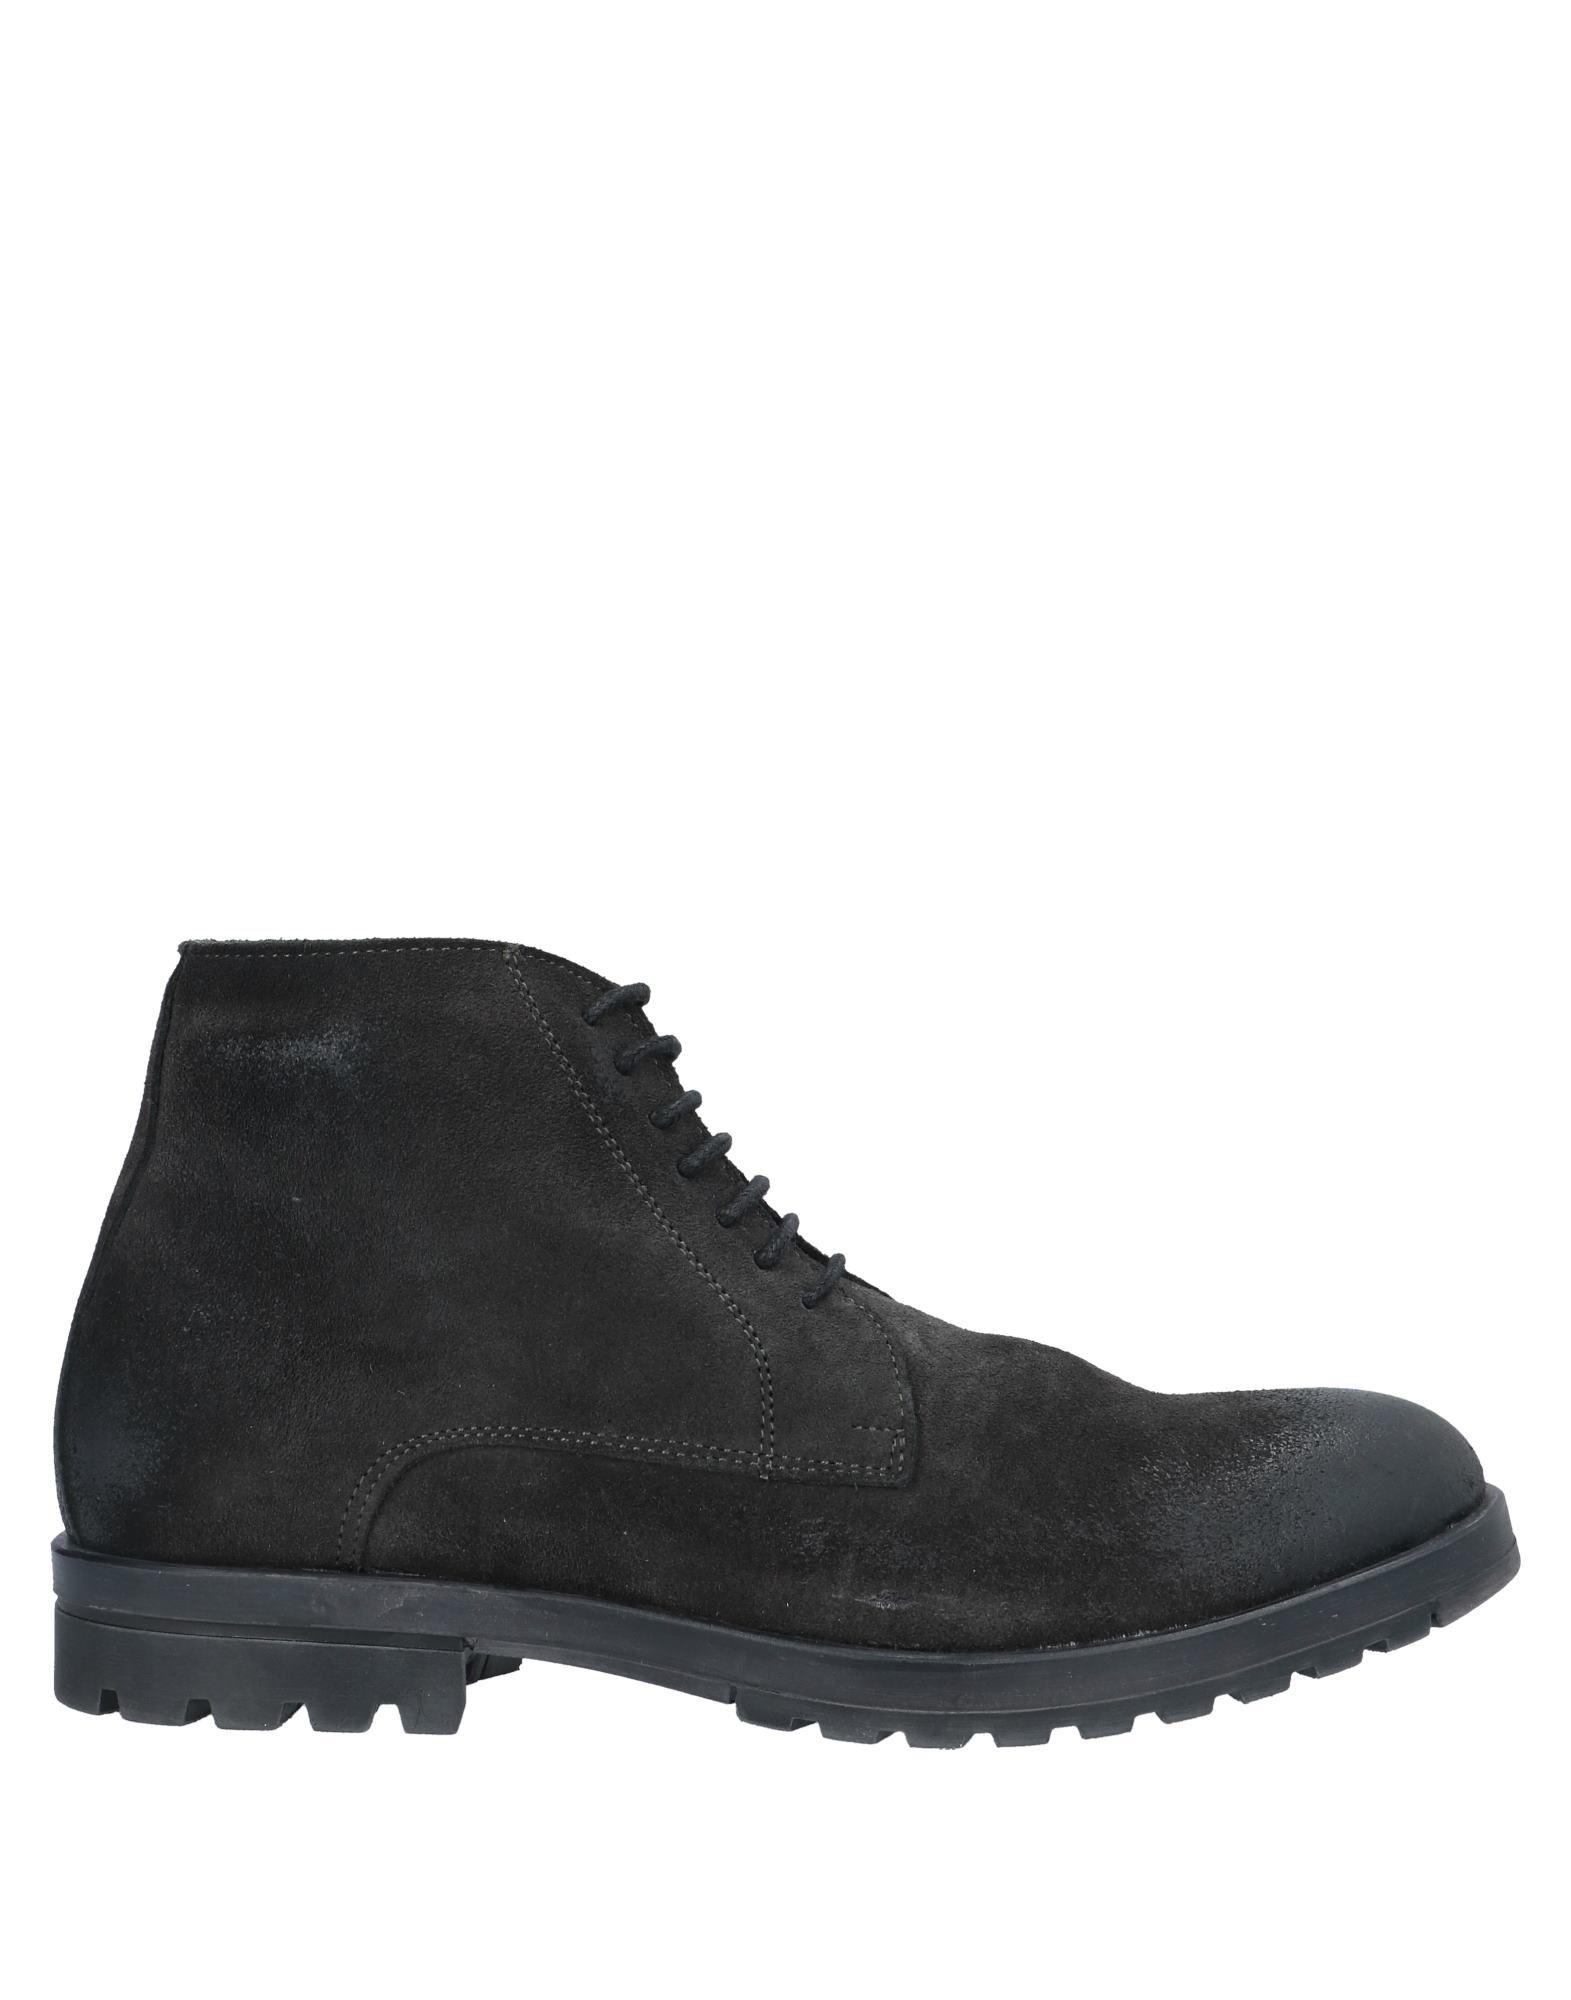 LIU •JO MAN Полусапоги и высокие ботинки полусапоги liu jo s67231p0298 22222